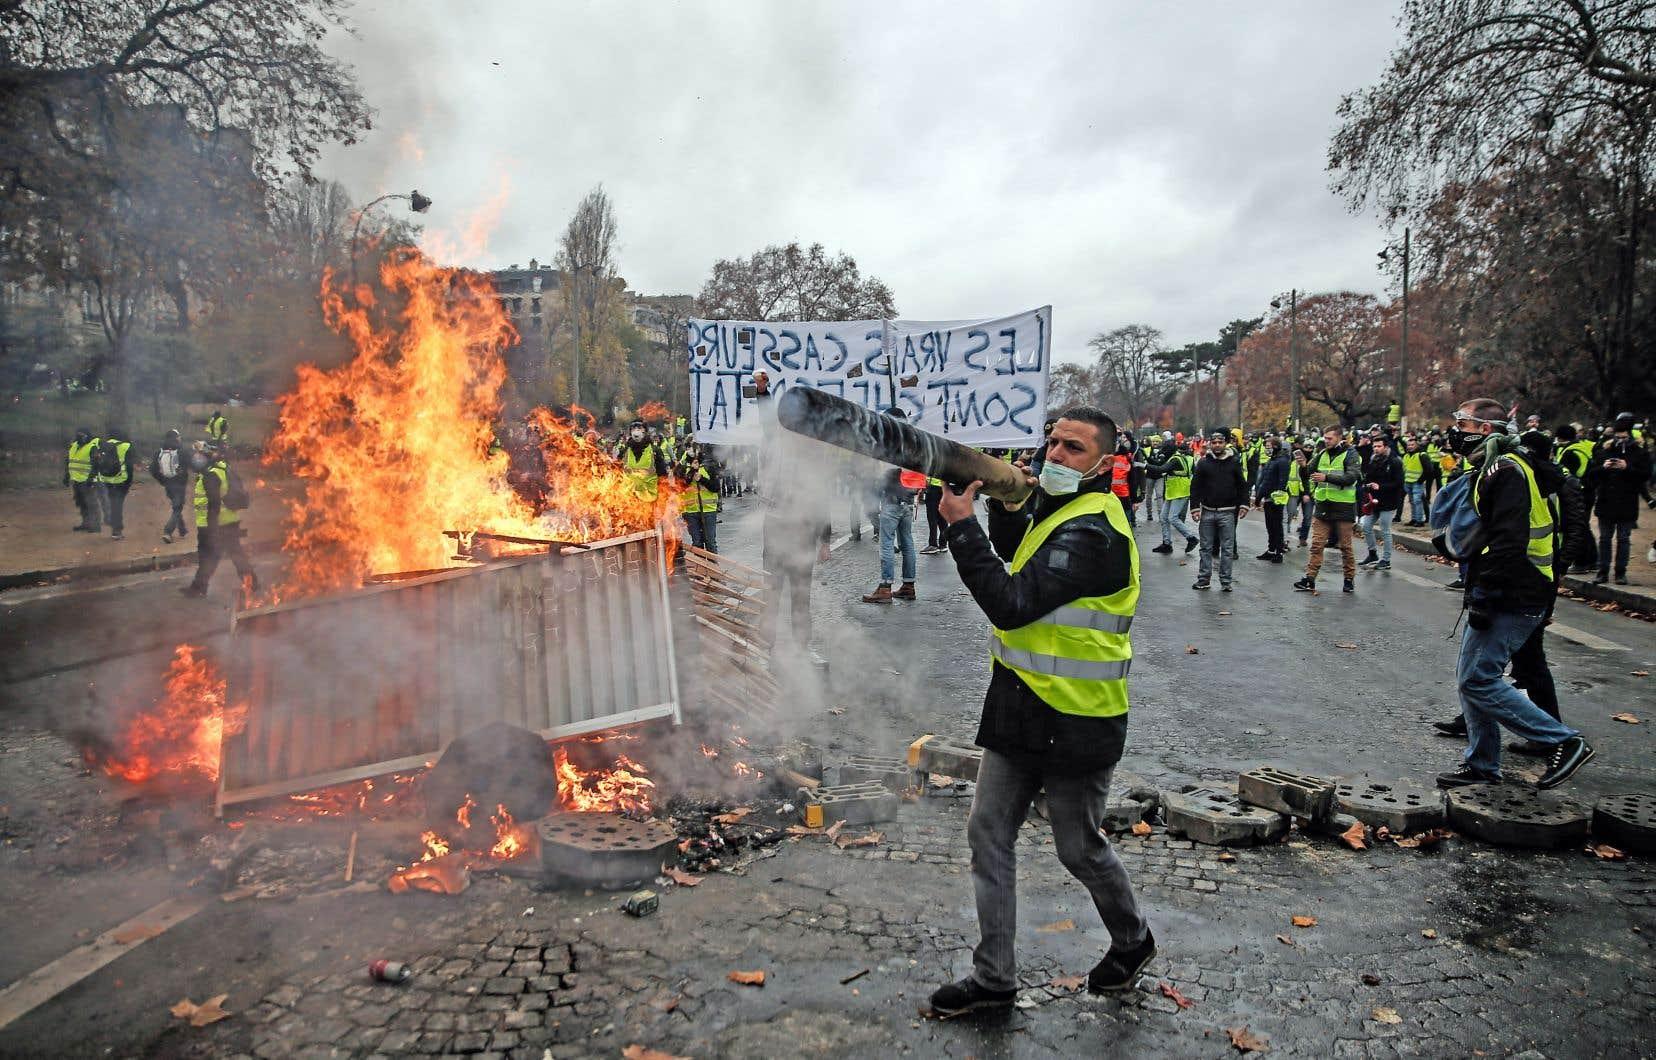 Toute la journée de samedi, des casseurs et un certain nombre de «gilets jaunes» ont tenu en haleine plus de 5000 policiers.